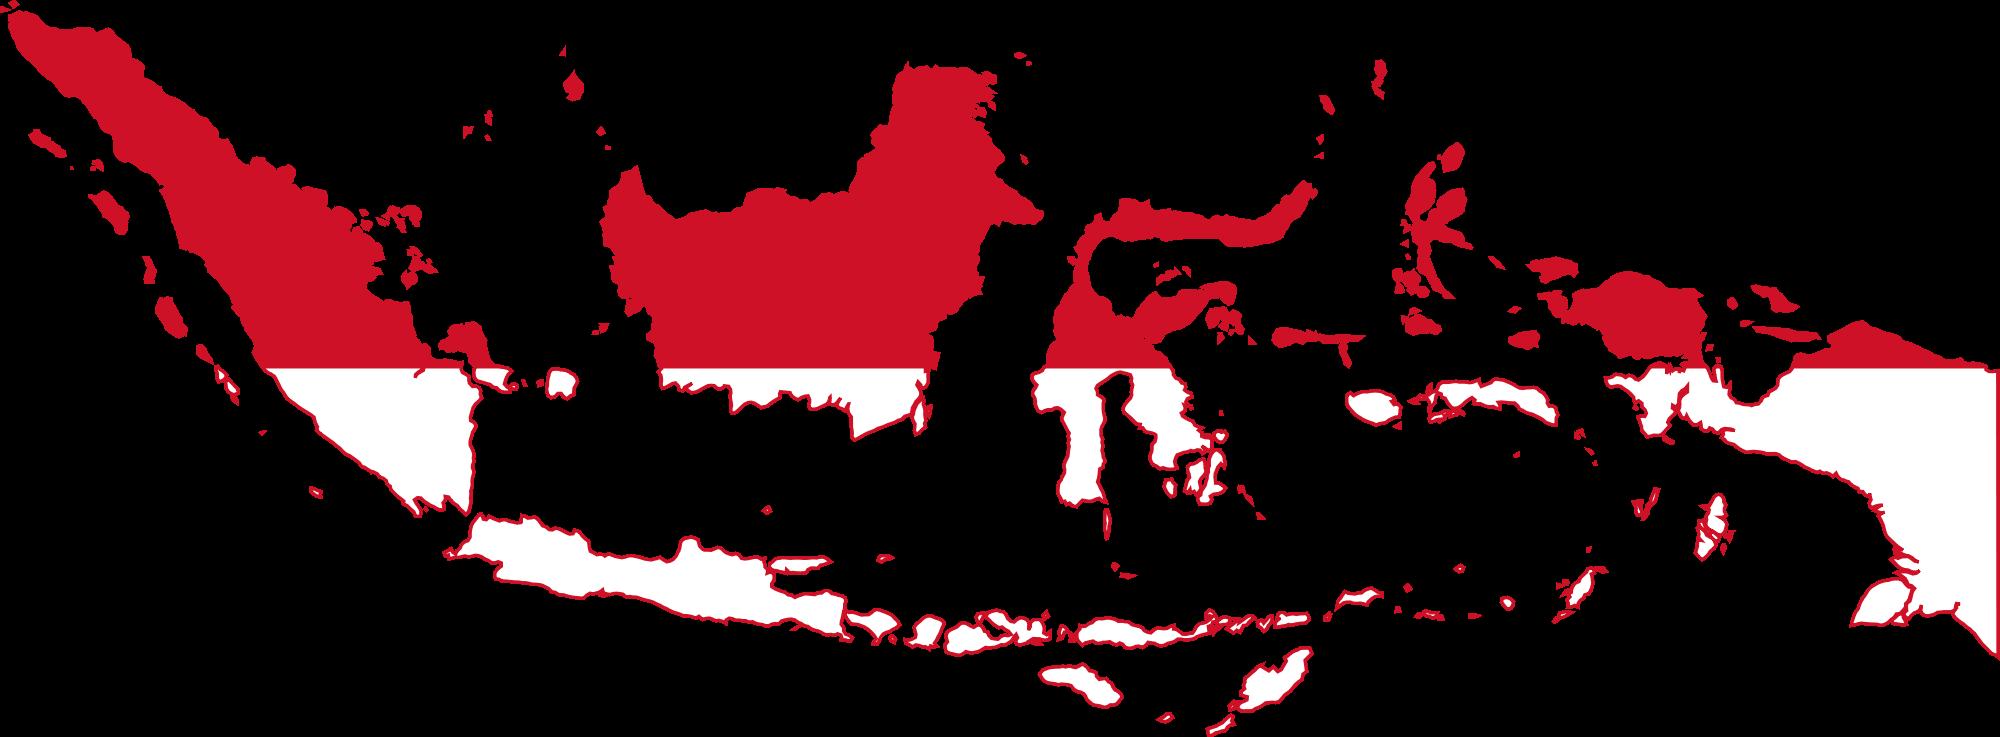 Tutorial quantum gis bahasa indonesia